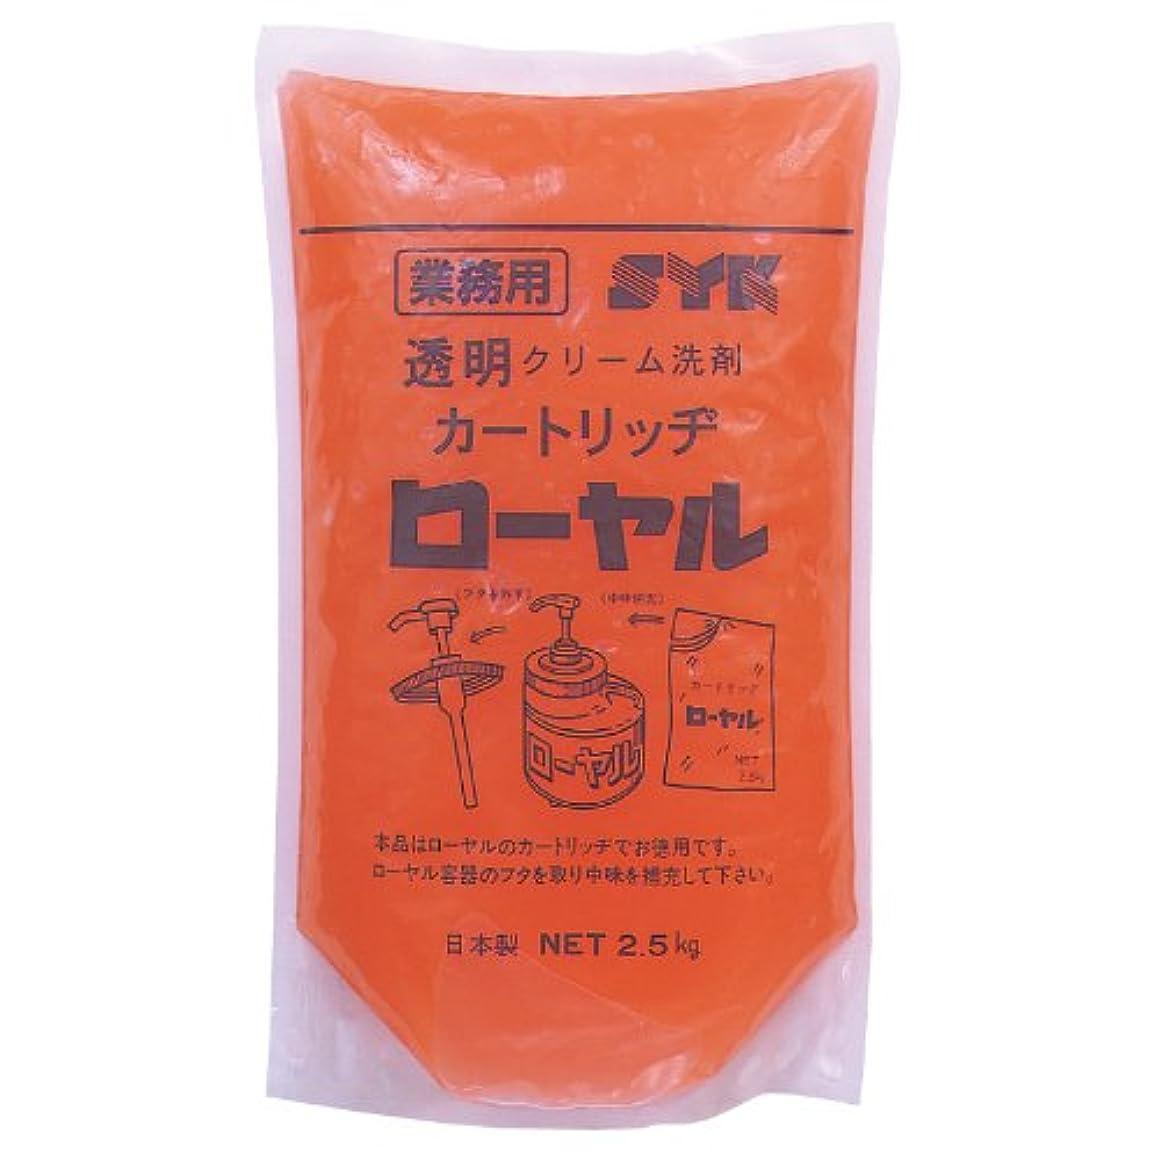 ごめんなさい操作小道具鈴木油脂 水無しでも使える業務用ハンドソープ ローヤル 2.5kg×6個